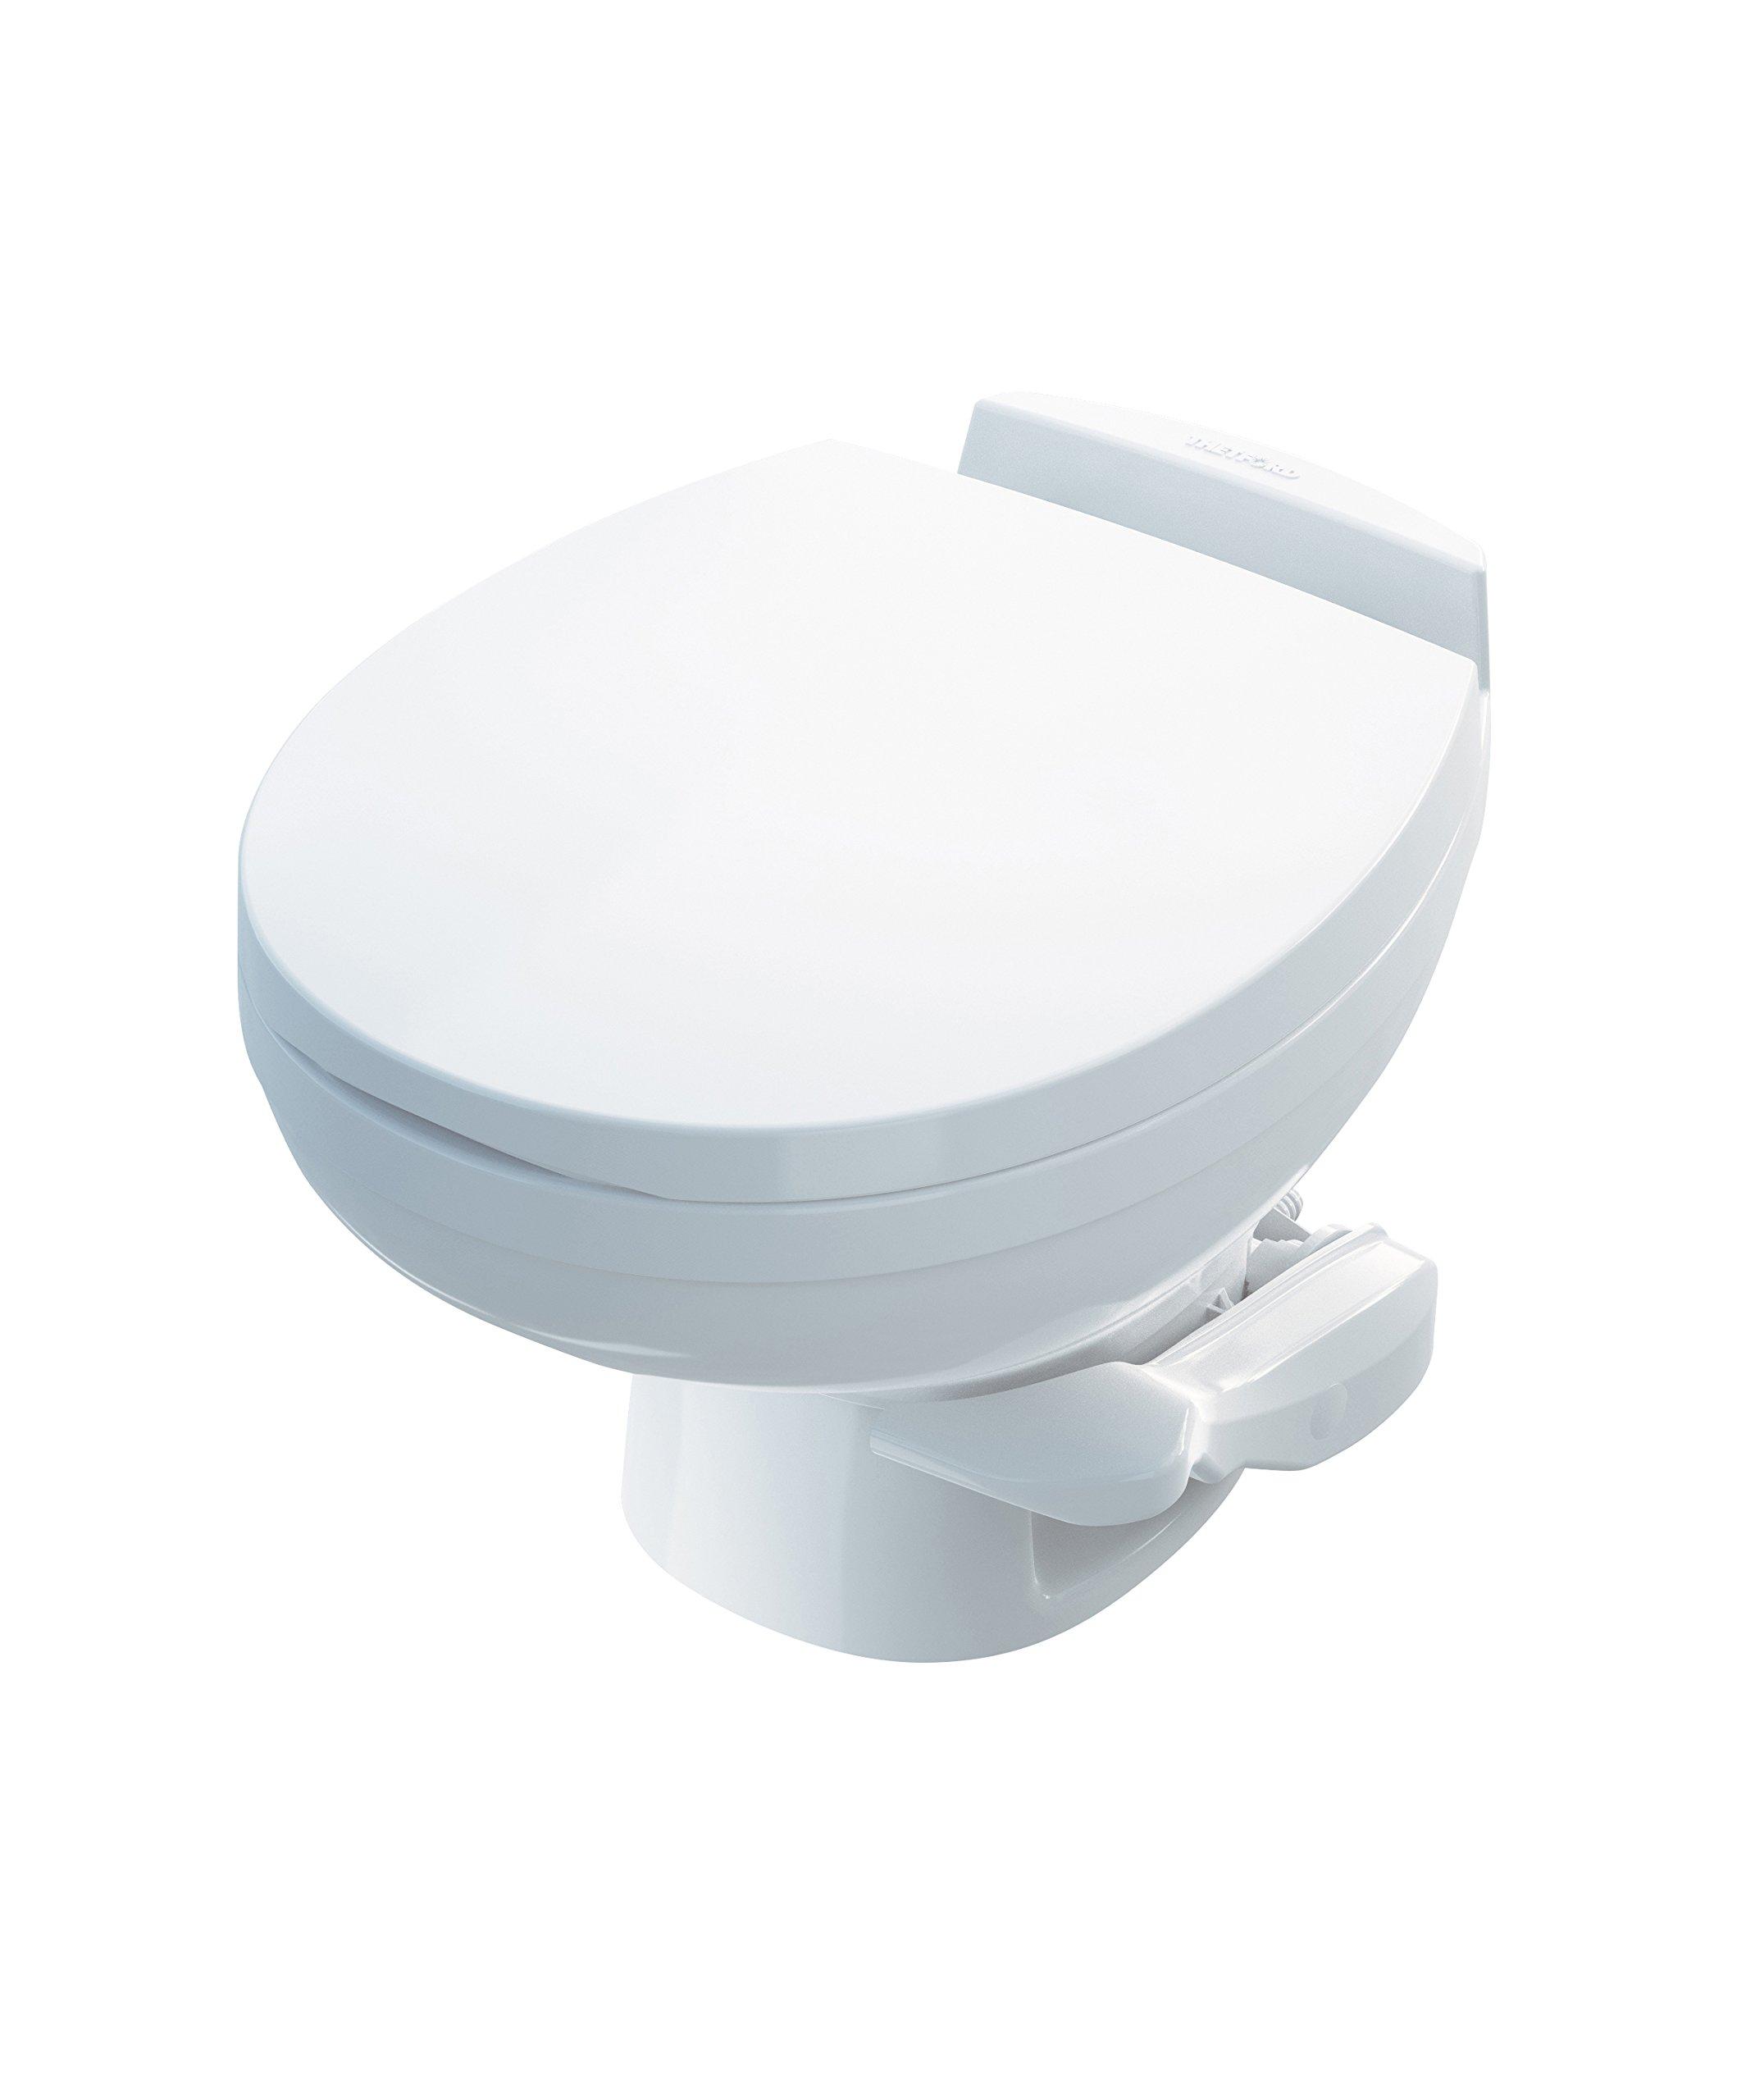 Thetford 42170 Aqua-Magic Residence RV Toilet-Low Profile, White by Thetford (Image #2)